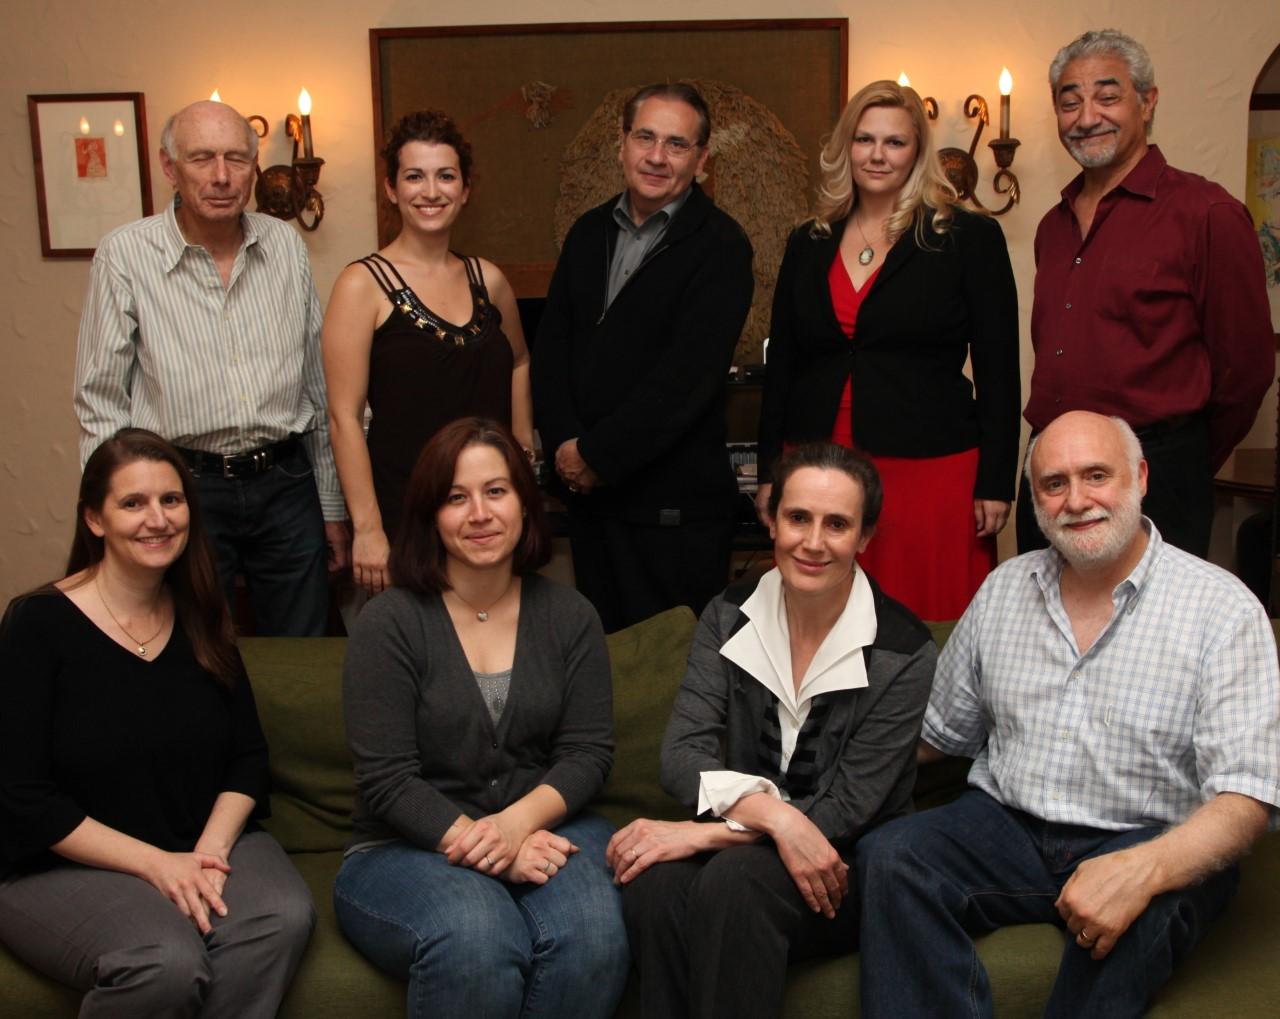 L'équipe de l'institut avec Chantal Desmoulins et Alain Amouyal au premier rang à droite